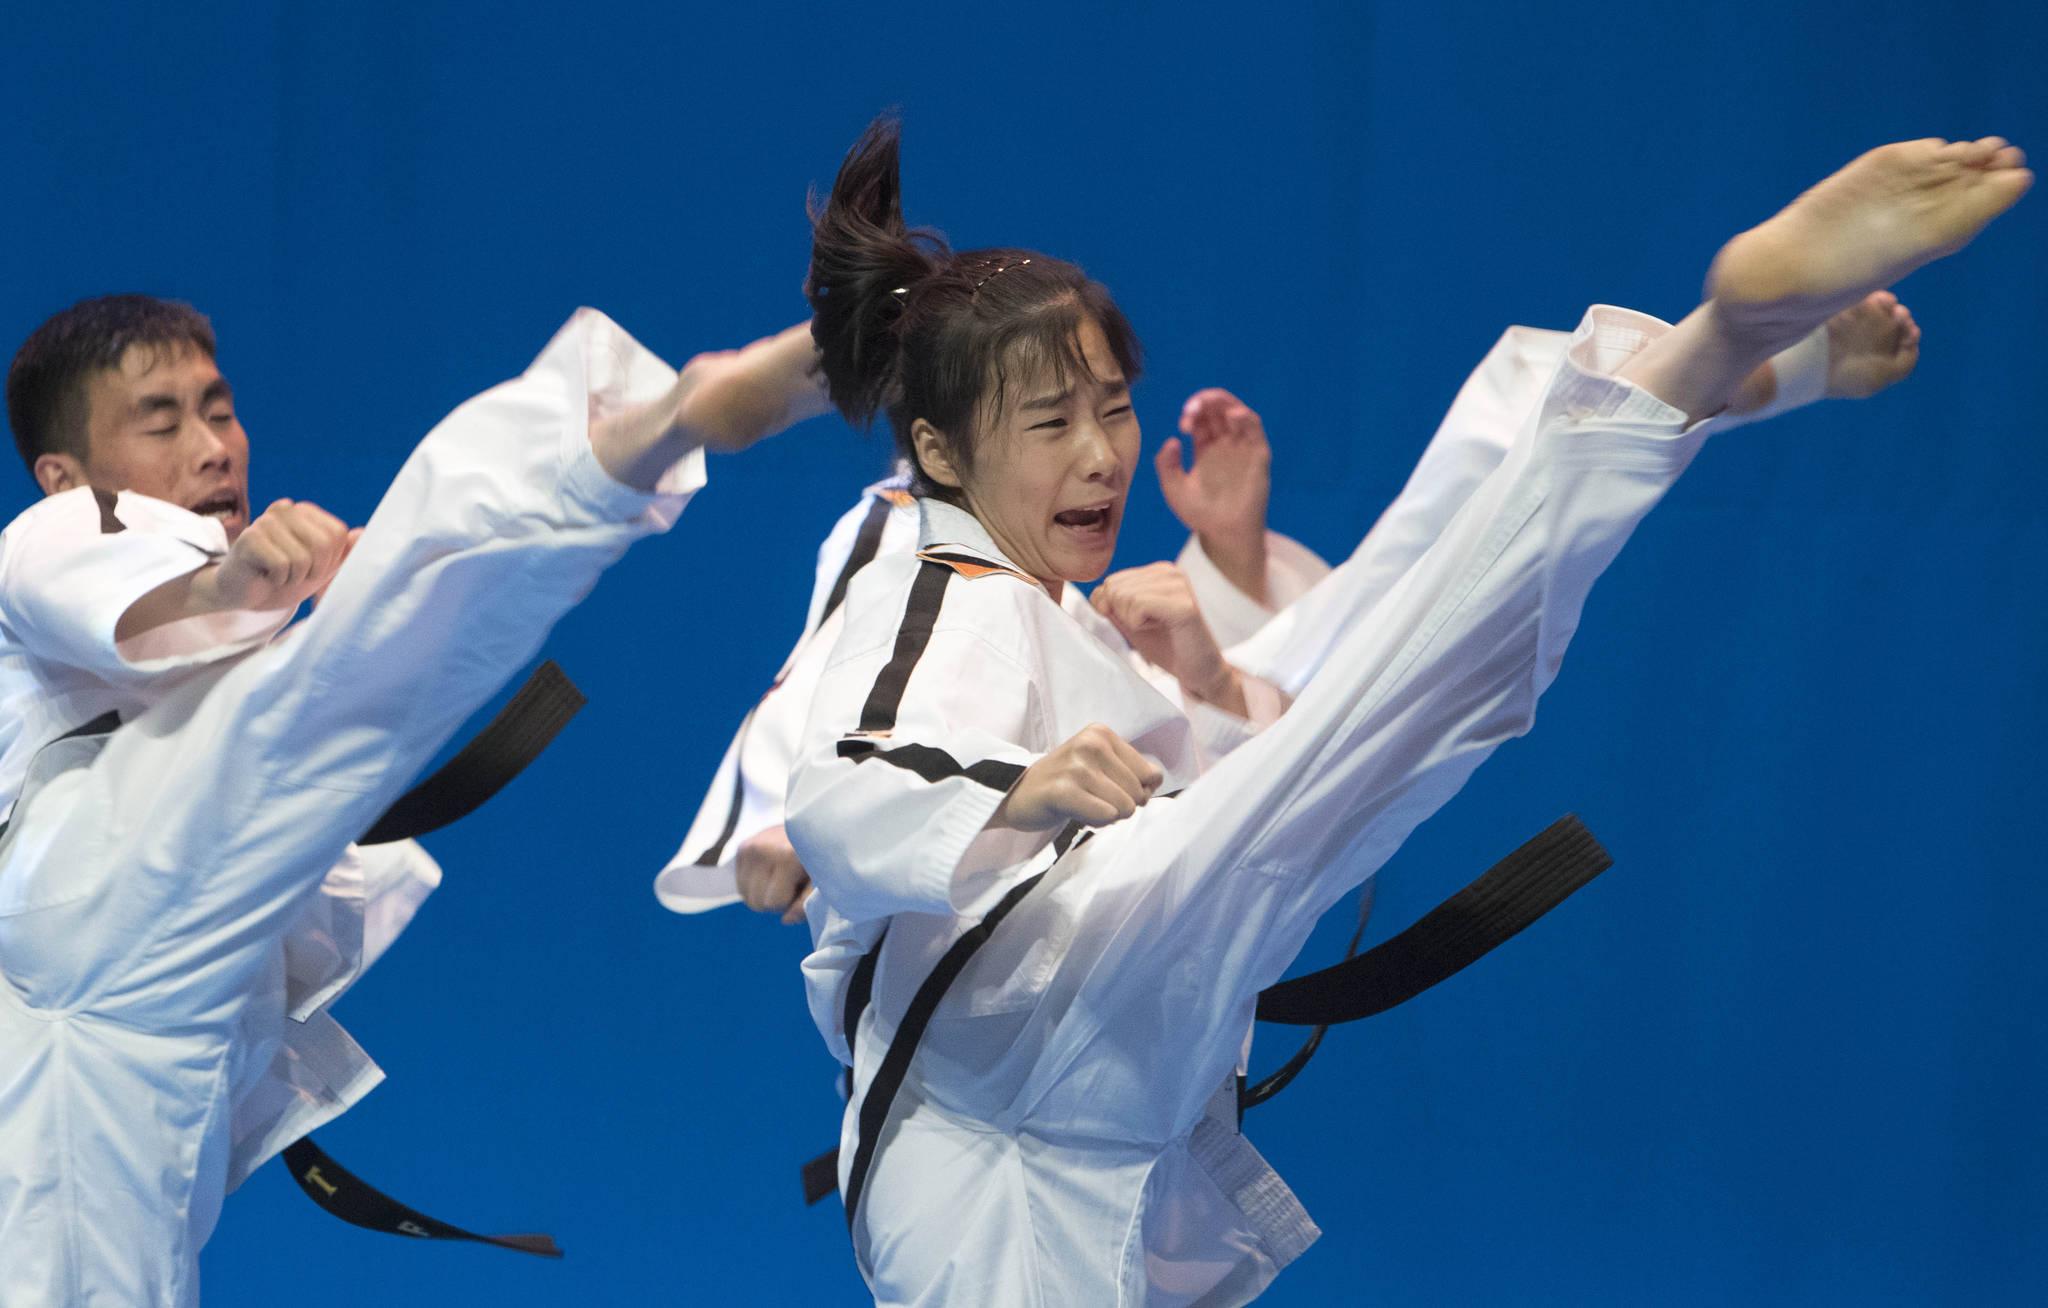 북한 국제태권도연맹(ITF)과 세계태권도연맹(WTF)의 합동시범 공연이 전북도청에서 열렸다. 북측 시범단이 화려한 시범공연을 펼치고 있다. 프리랜서 오종찬